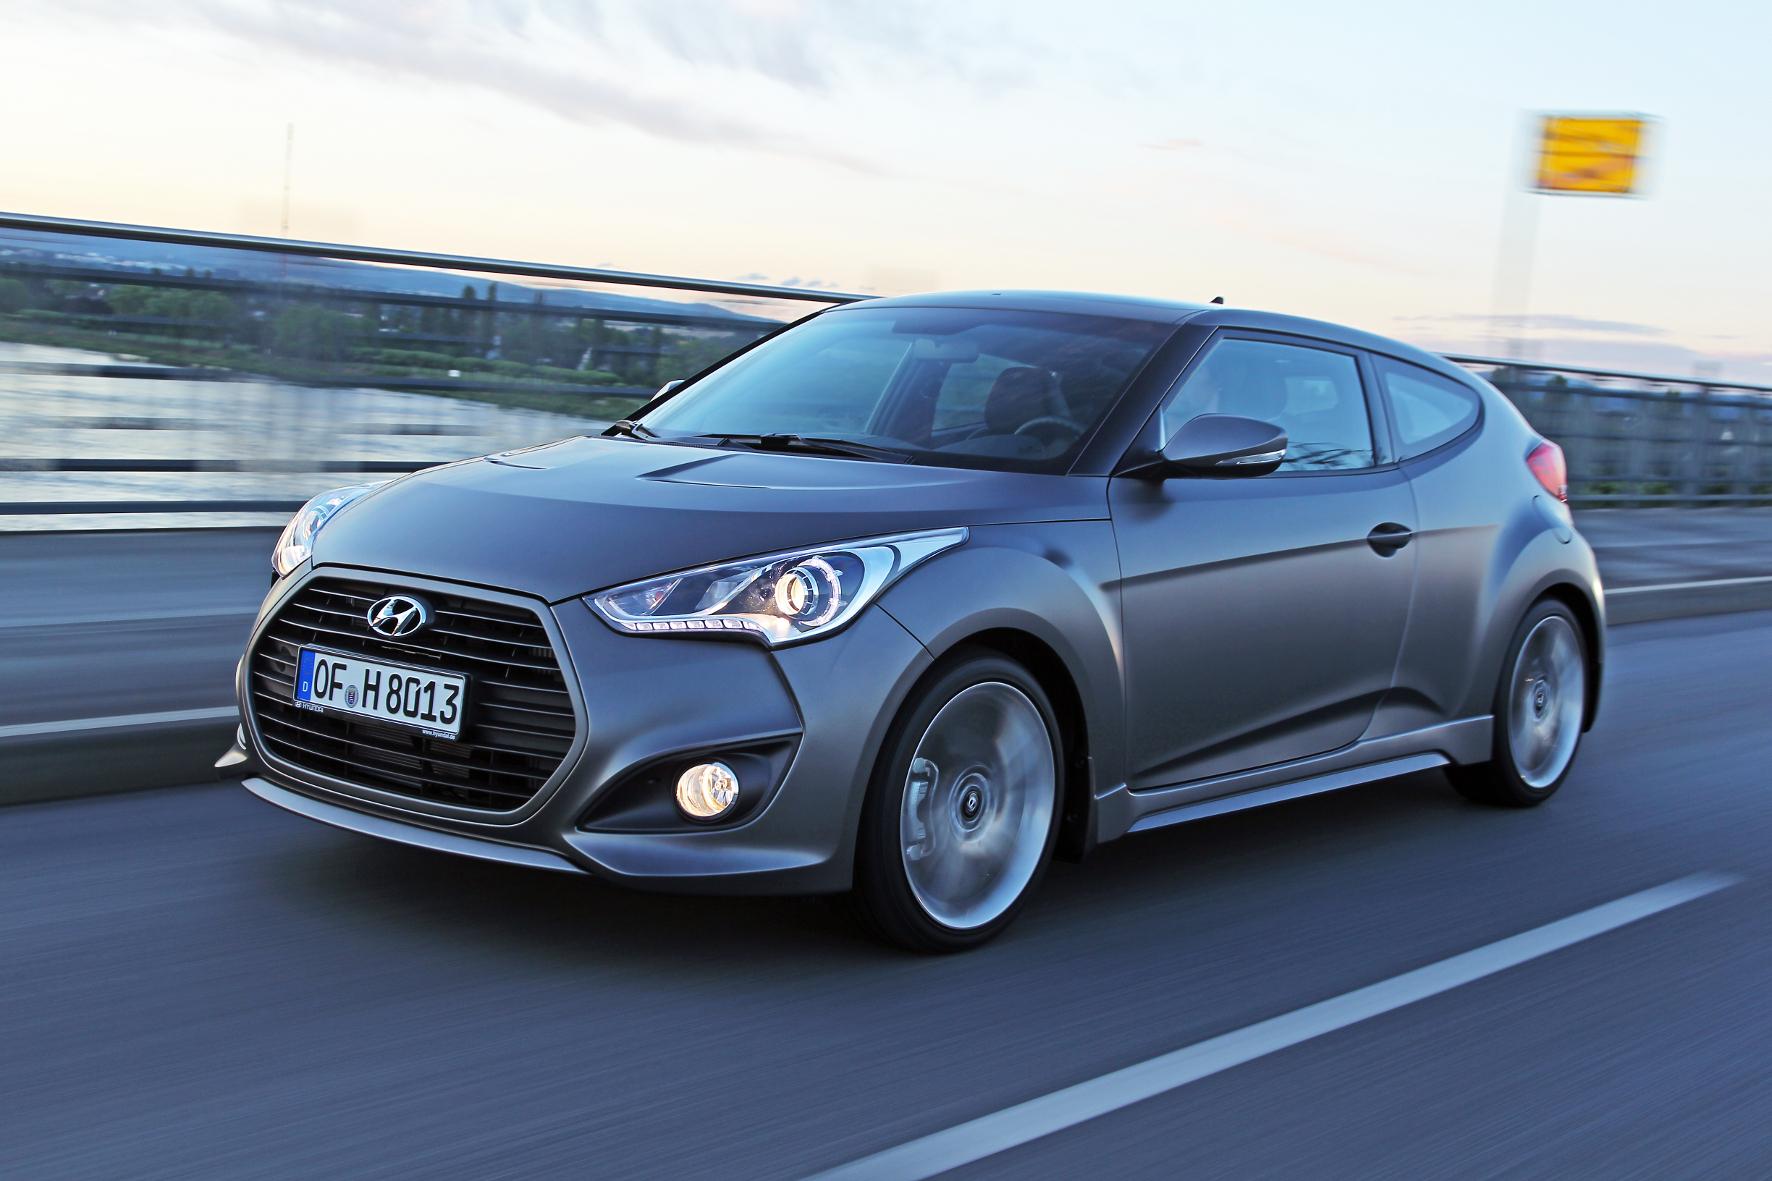 """mid Groß-Gerau: Gestatten: """"Matt Finish"""". Das neue Hyundai-Sondermodell des Veloster Turbo ist auf 150 Exemplare limitiert."""